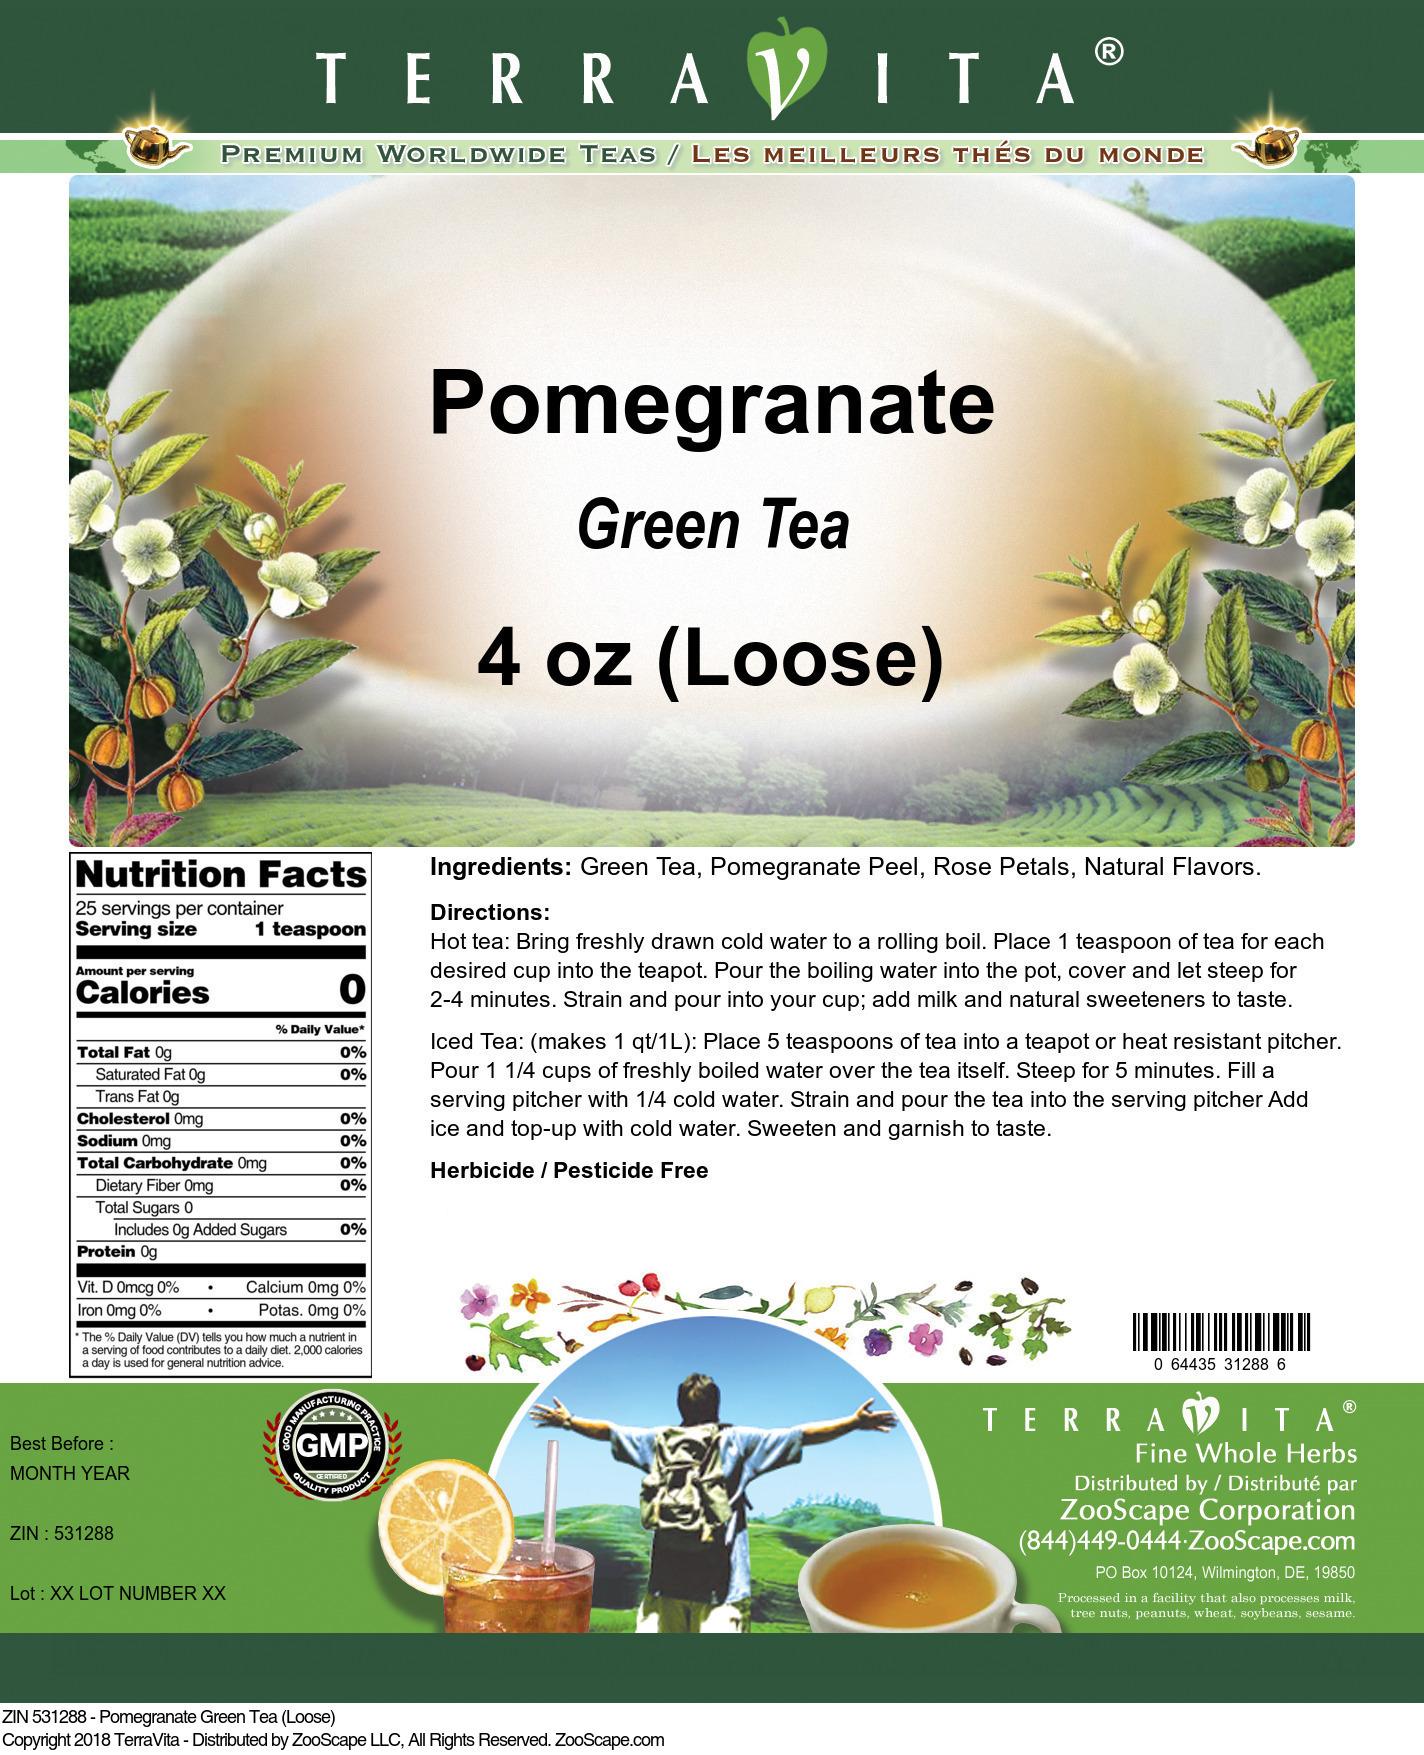 Pomegranate Green Tea (Loose)